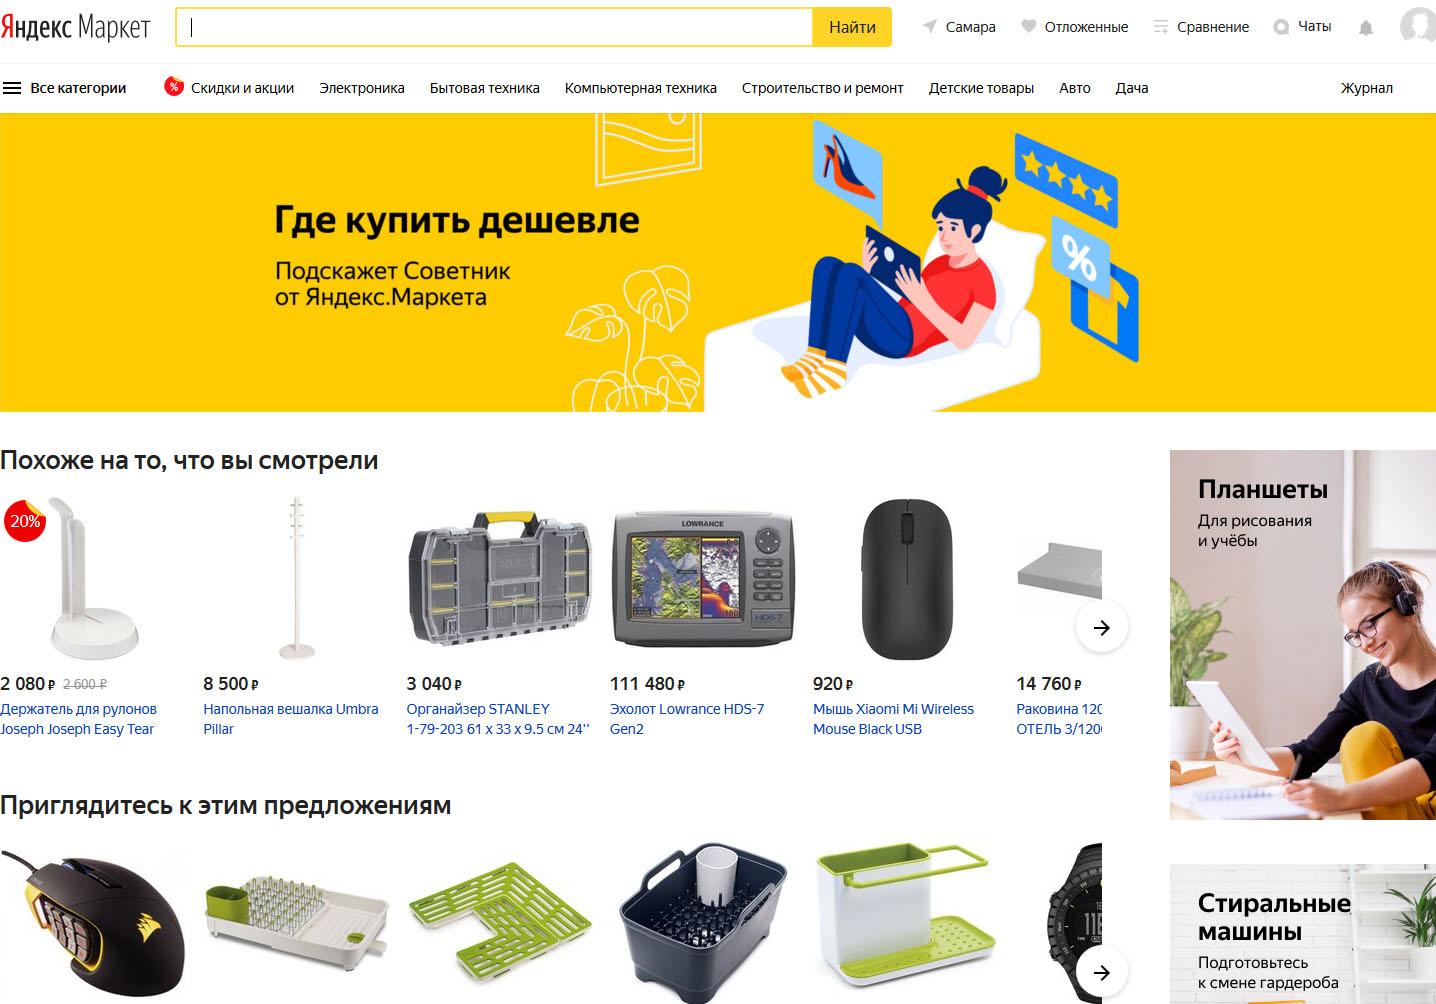 Интернет-магазин Яндекс Маркет